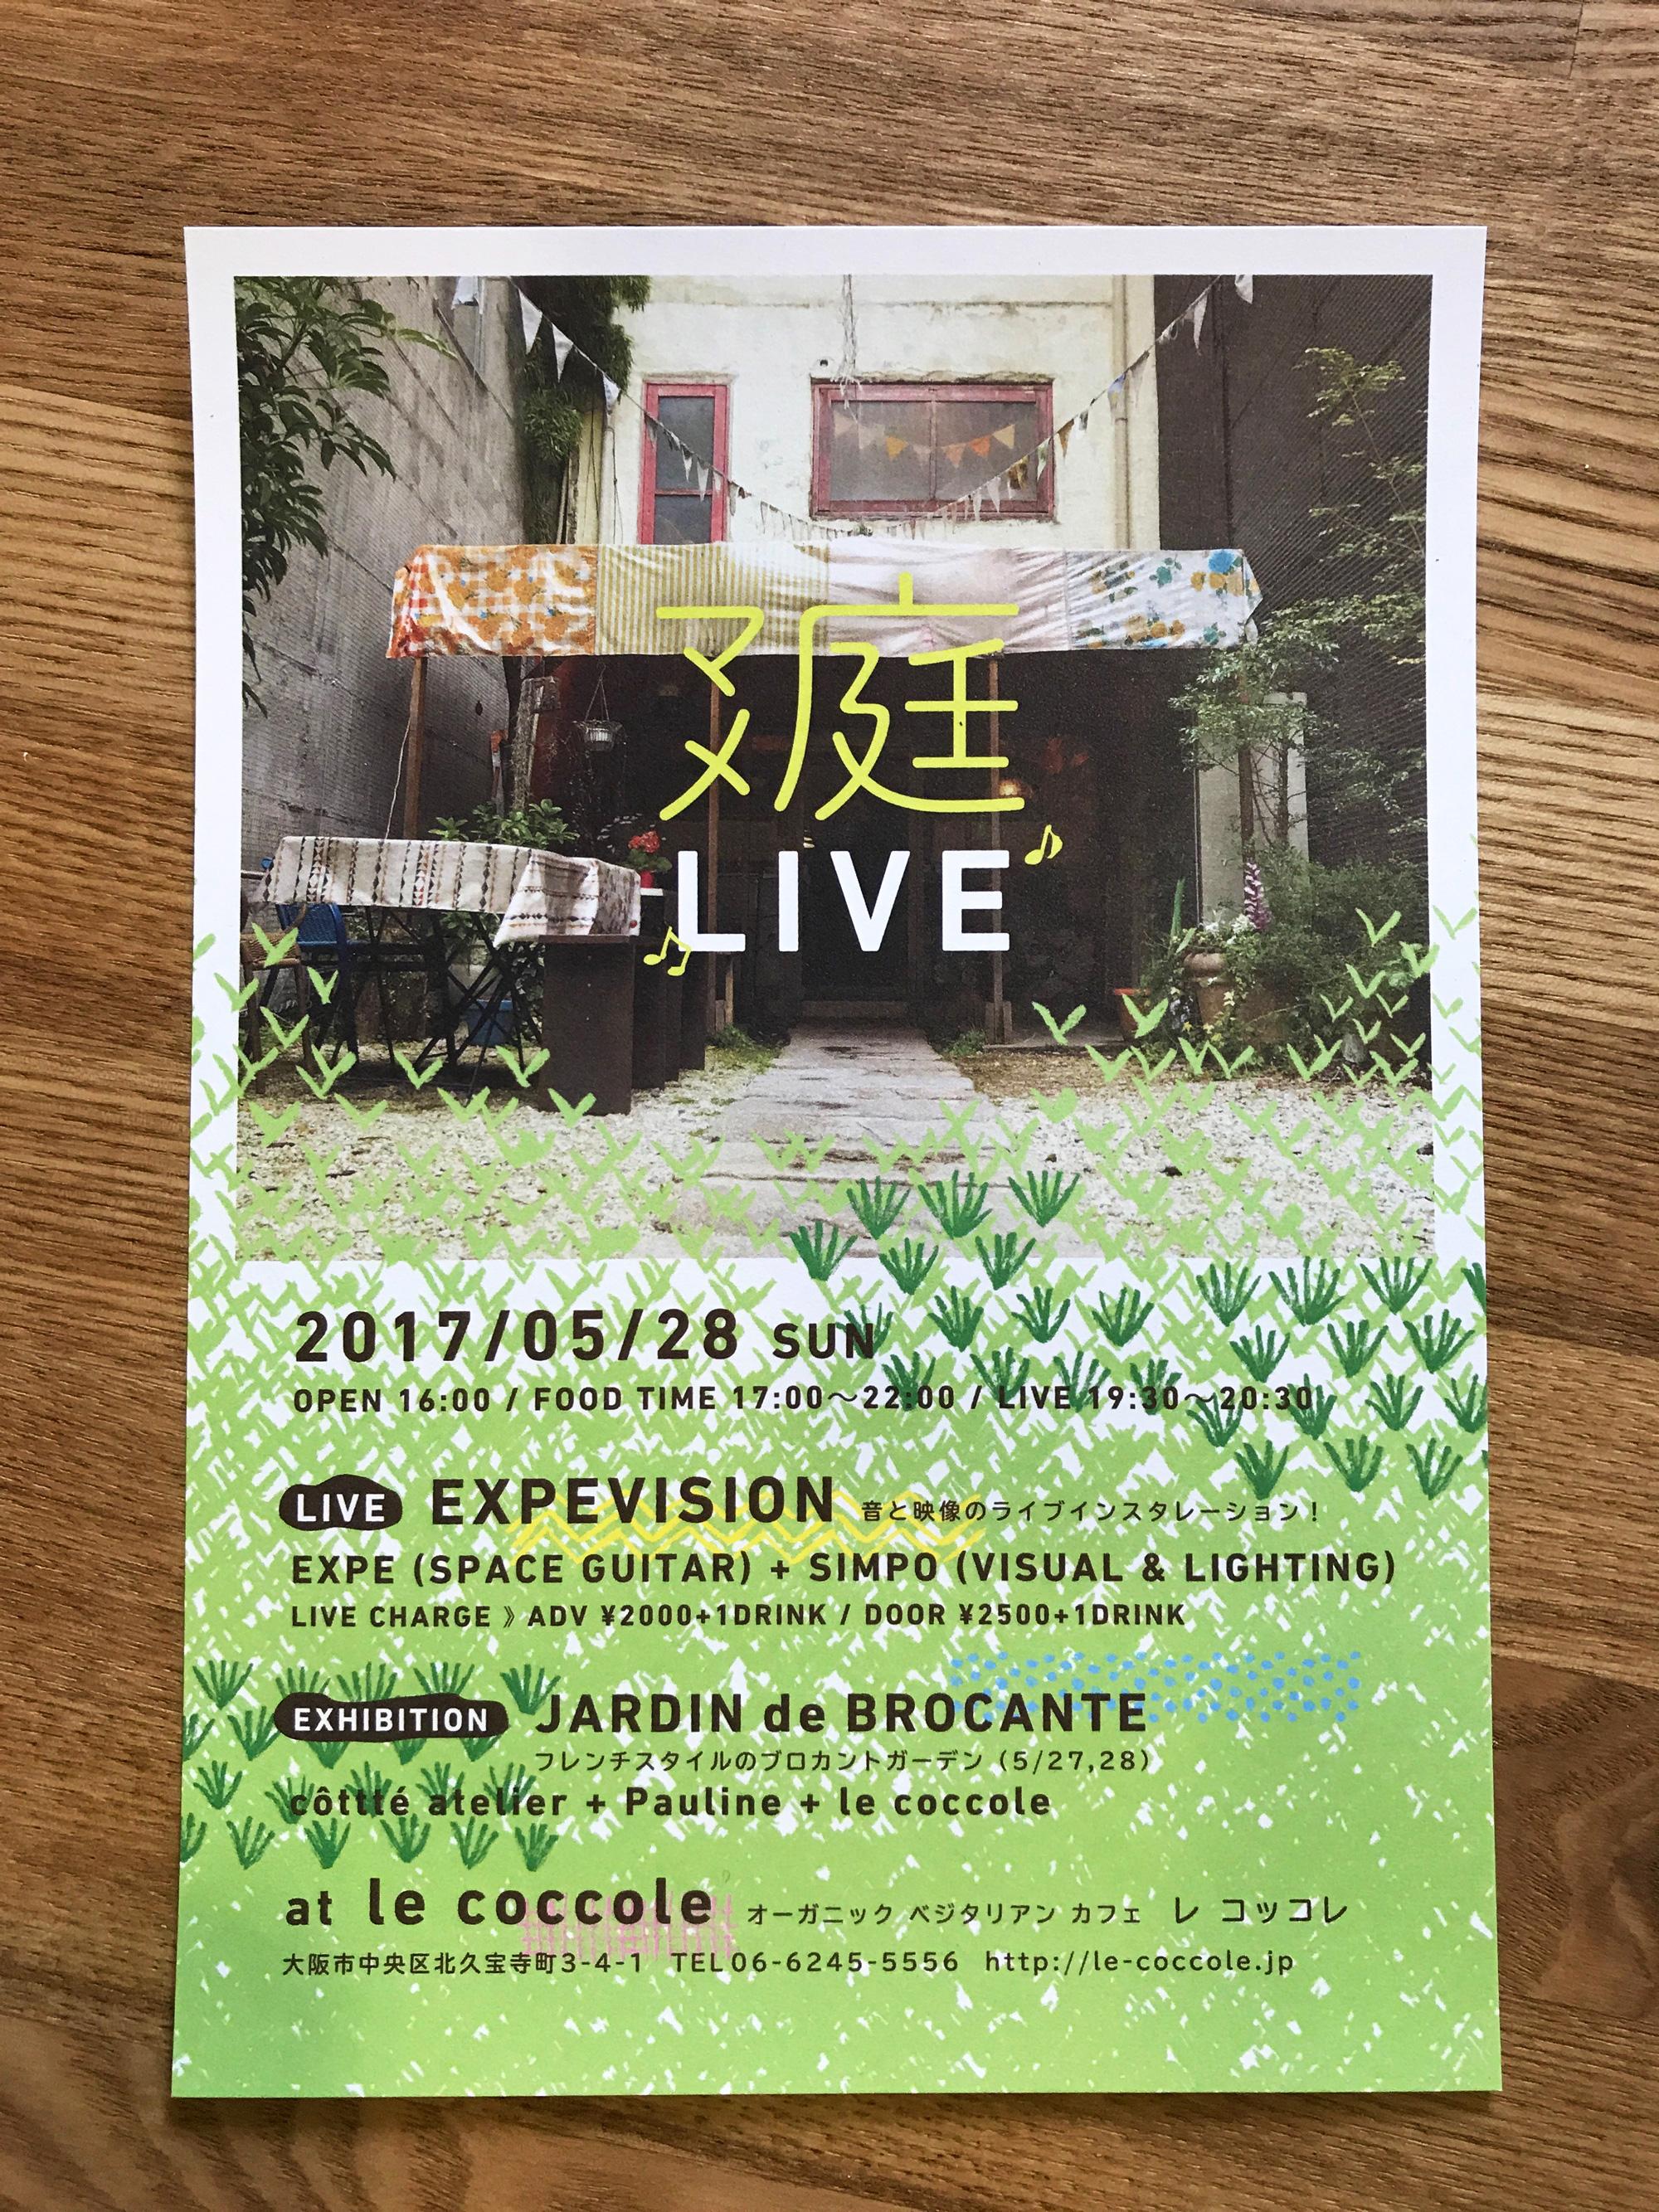 「マメ庭LIVE」にPaulineが参加します!